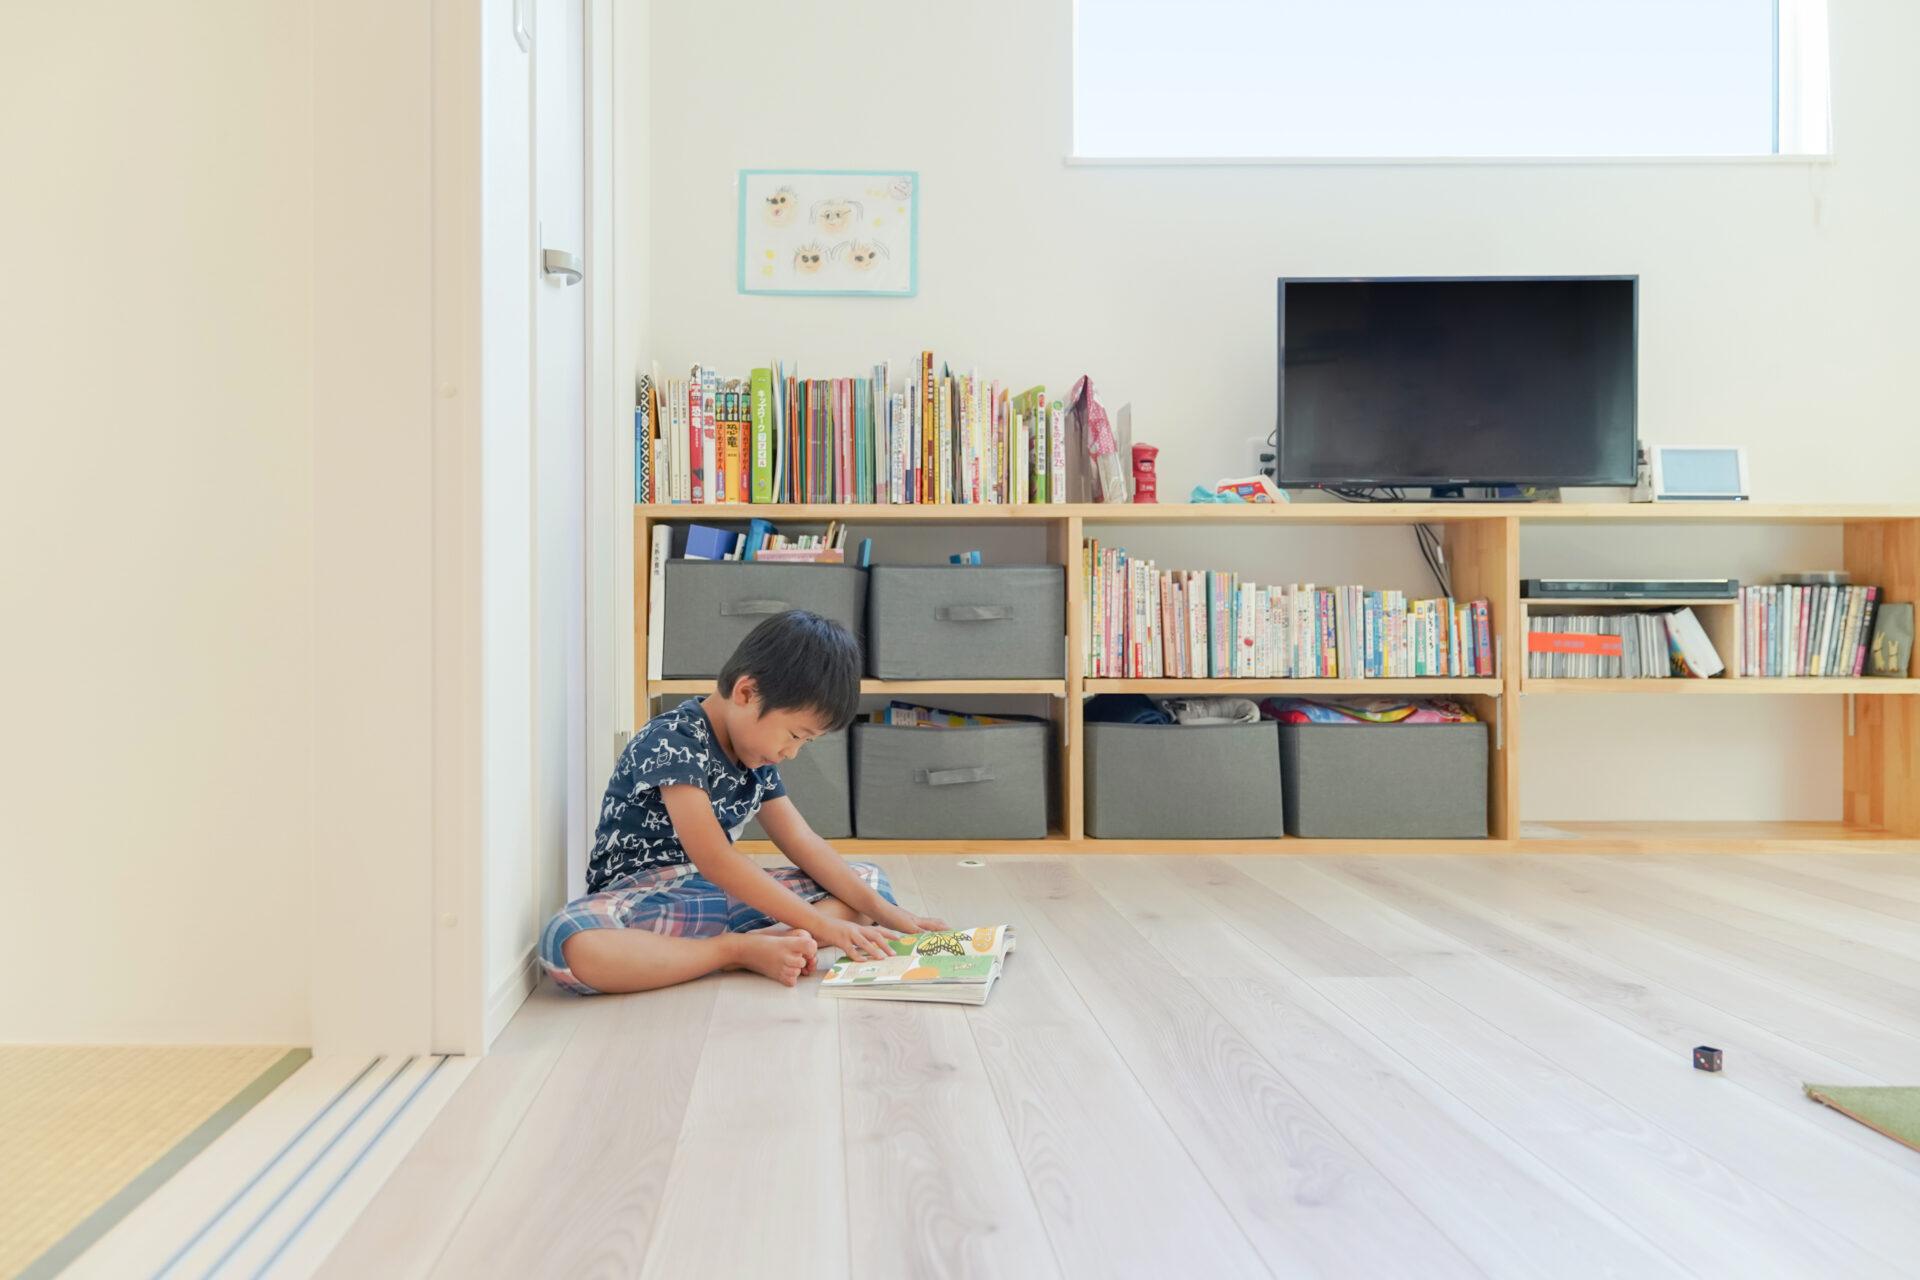 シエナホームデザインは、頭のよい子が育つ家の「SS60シリーズ」公認ライセンスパートナー。